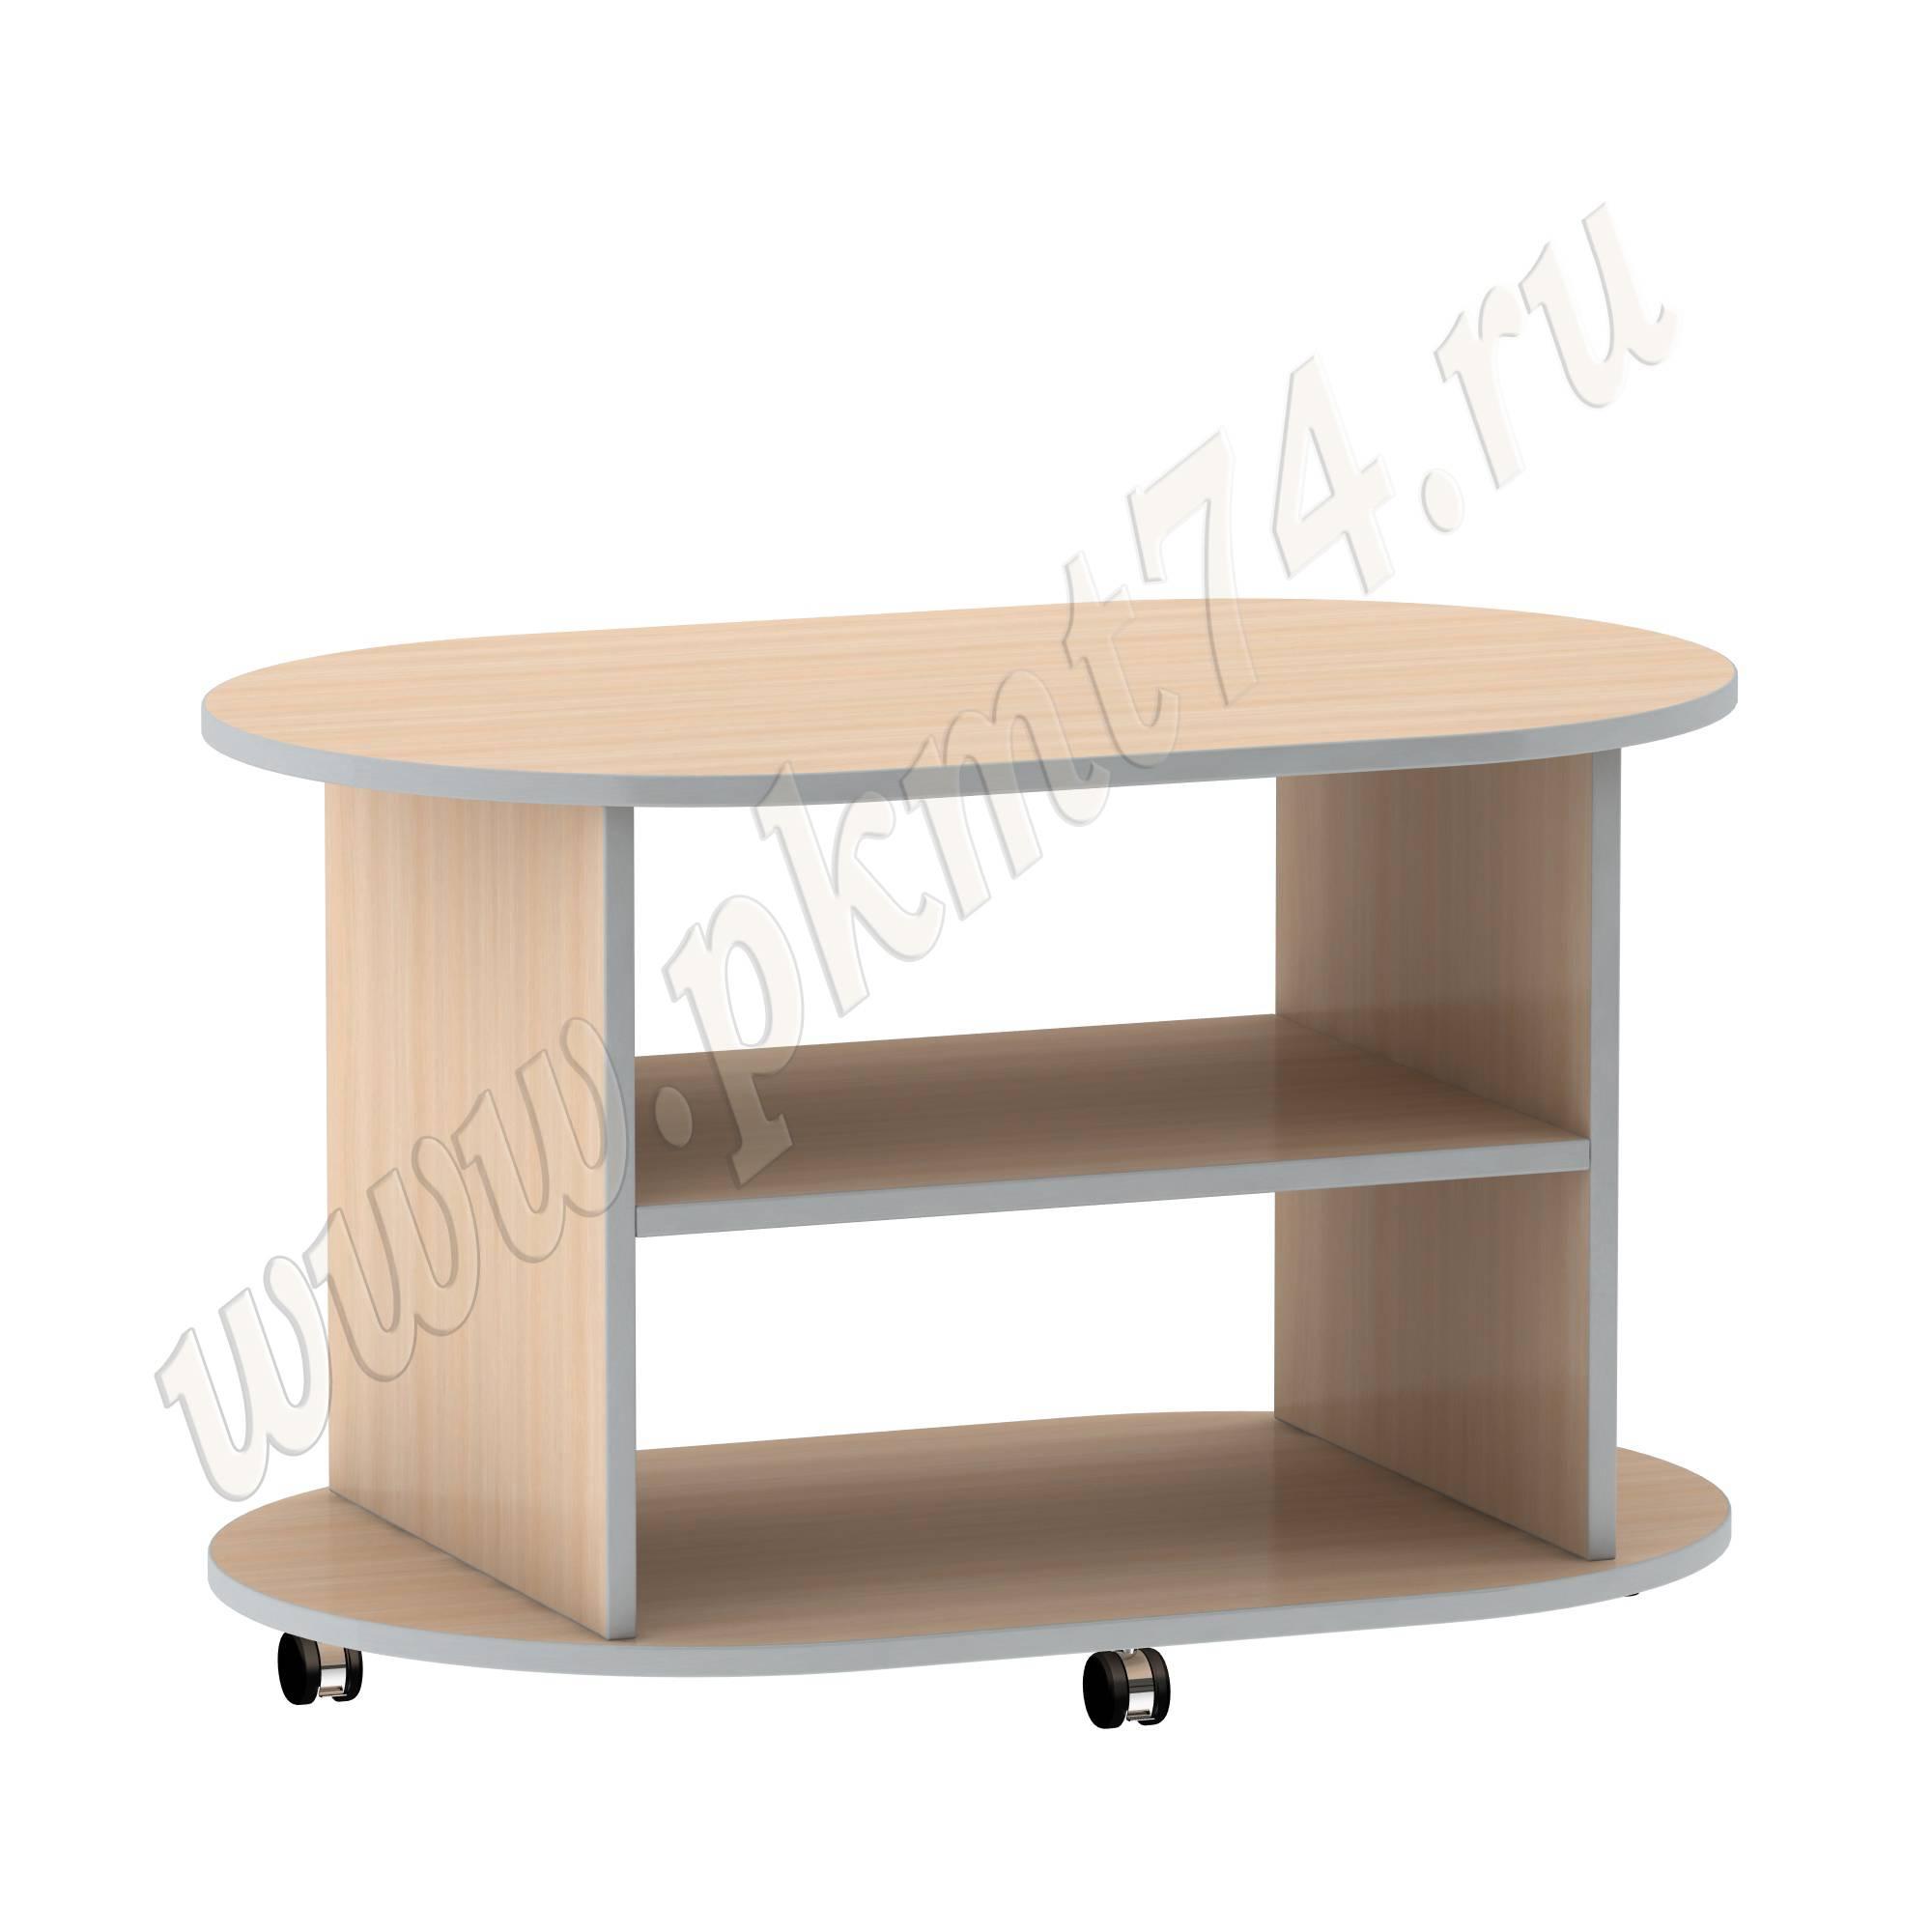 Журнальный стол овальный [Стандартный цвет:: Орех; Цвета ЛДСП на выбор:: Молочный-Алюминий]